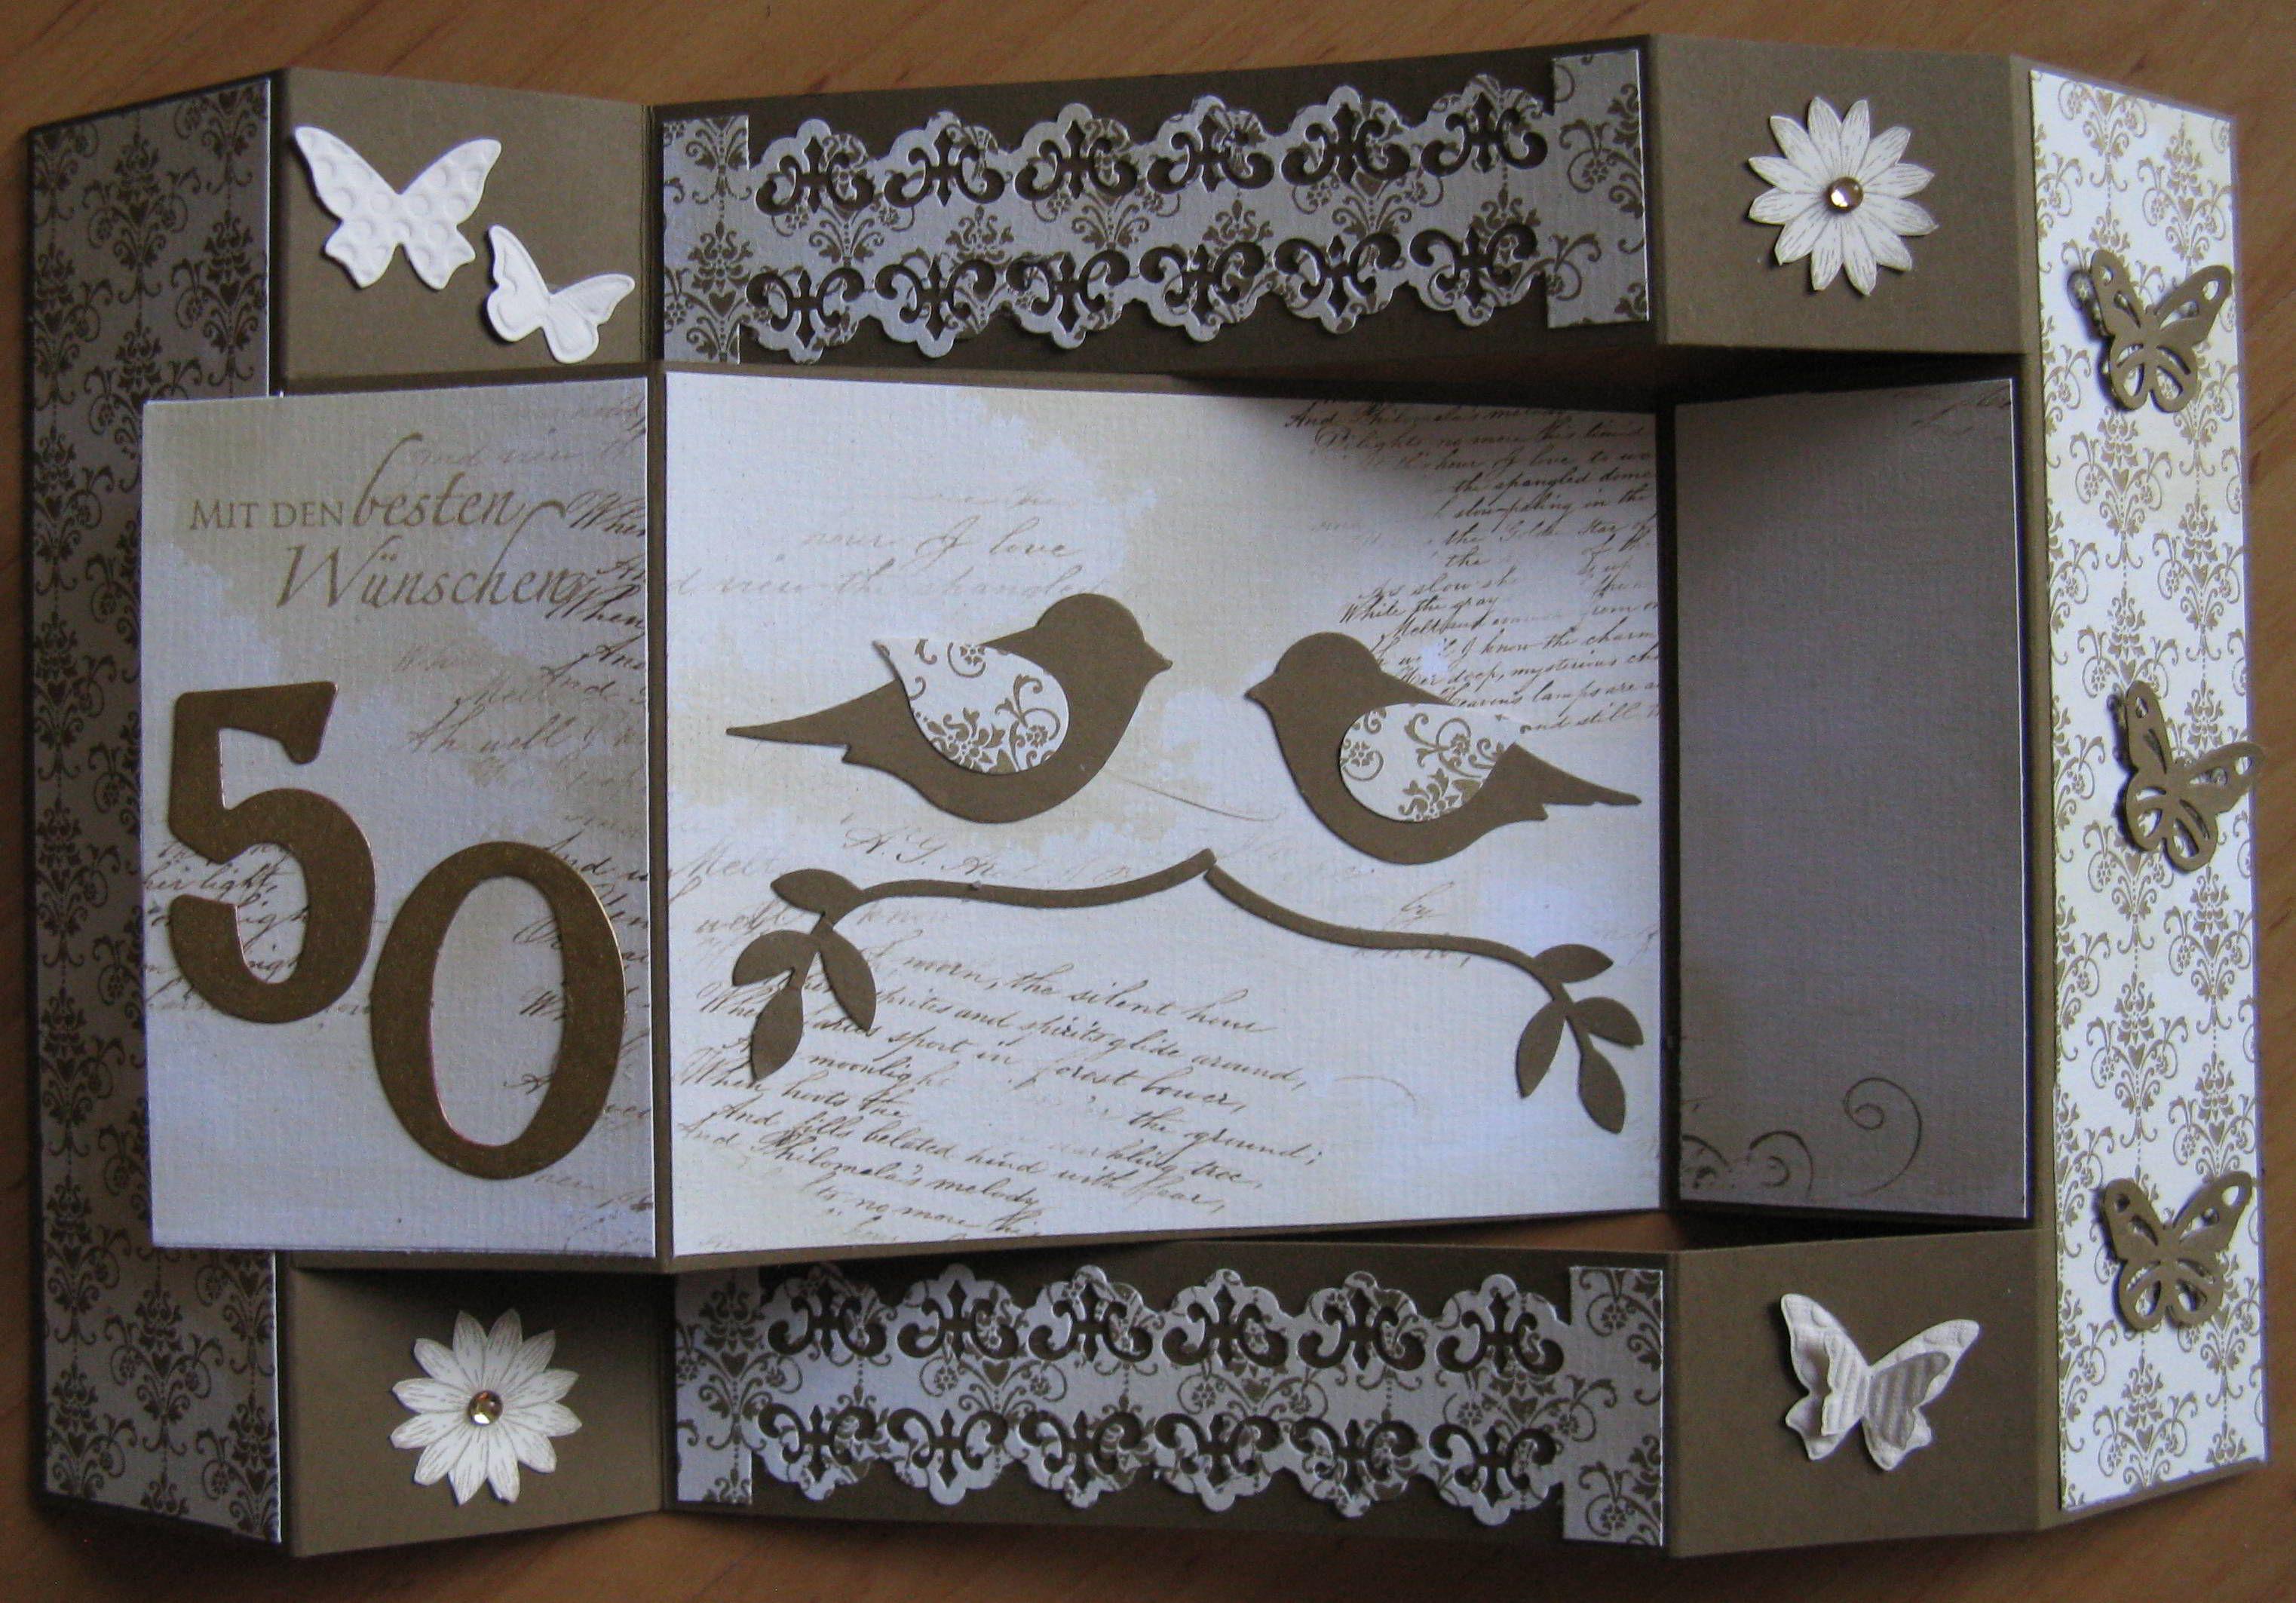 Goldene hochzeit, Hochzeit, Karten